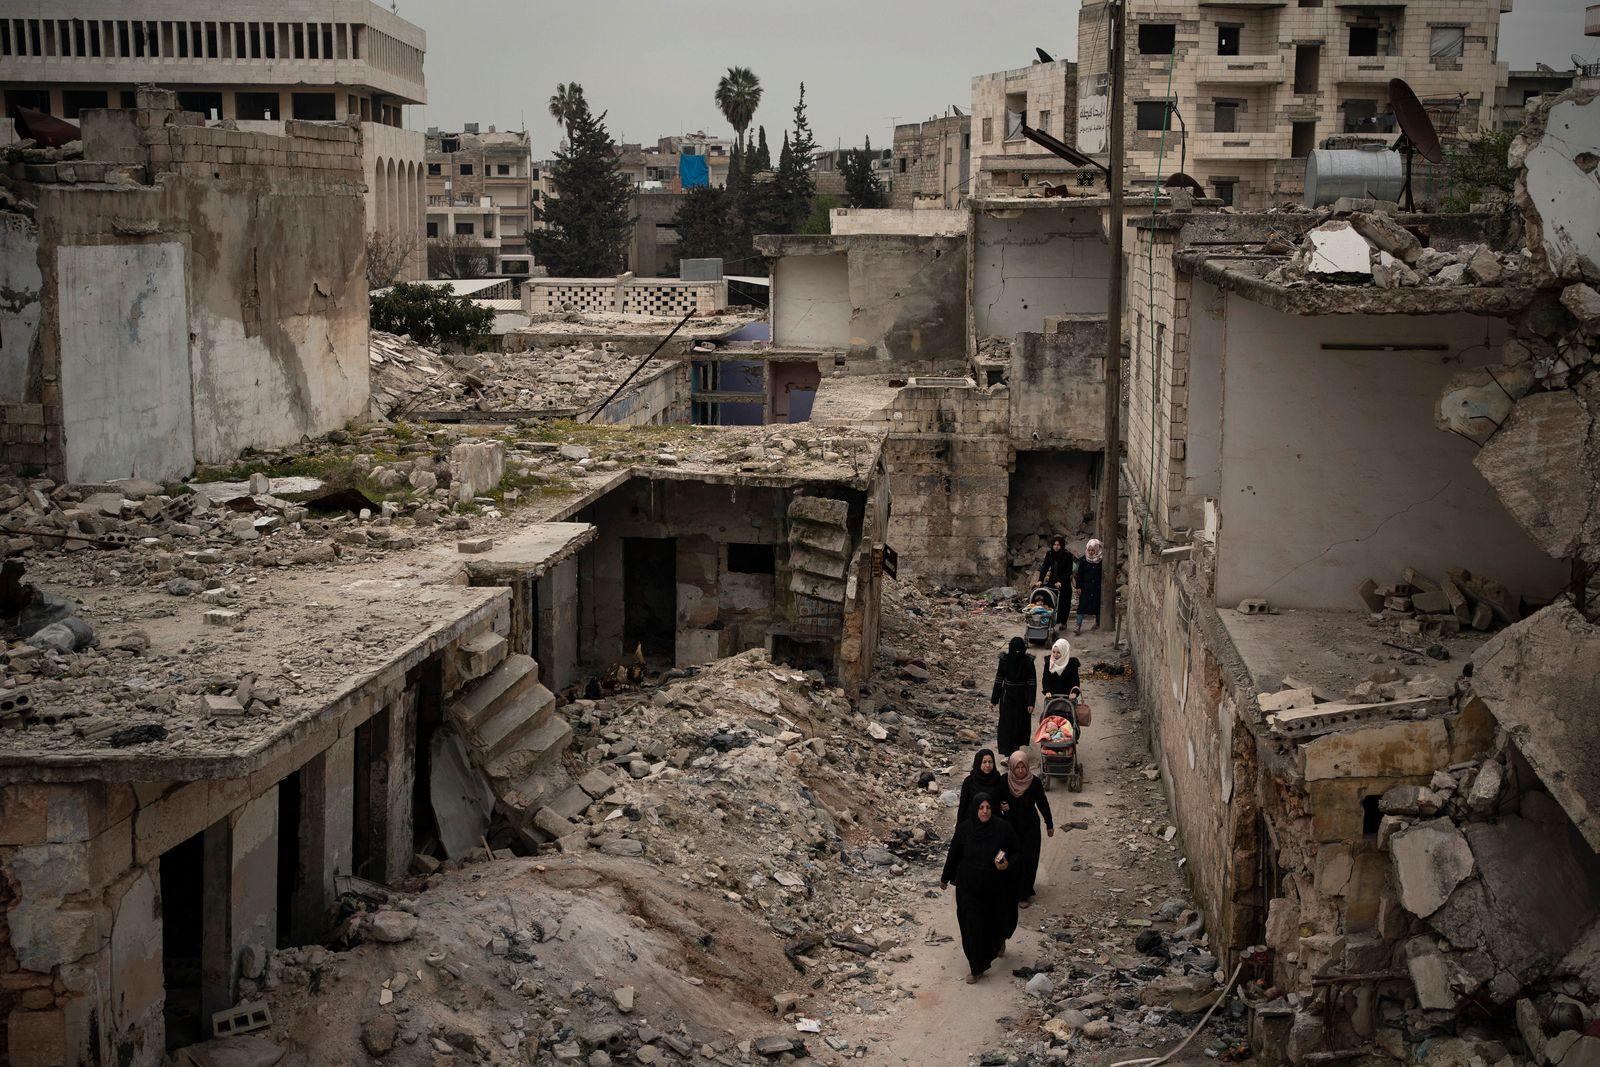 Syria Diminishing Aid